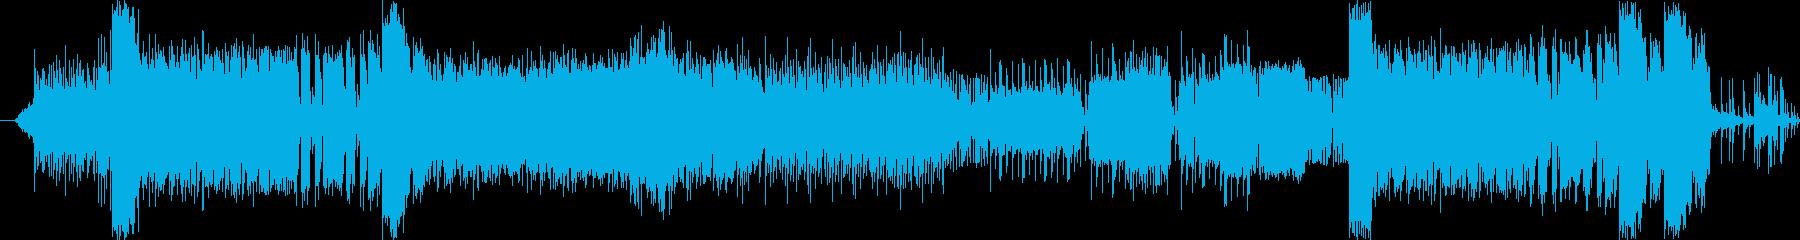 トラッドとロックを連結させたハードロックの再生済みの波形